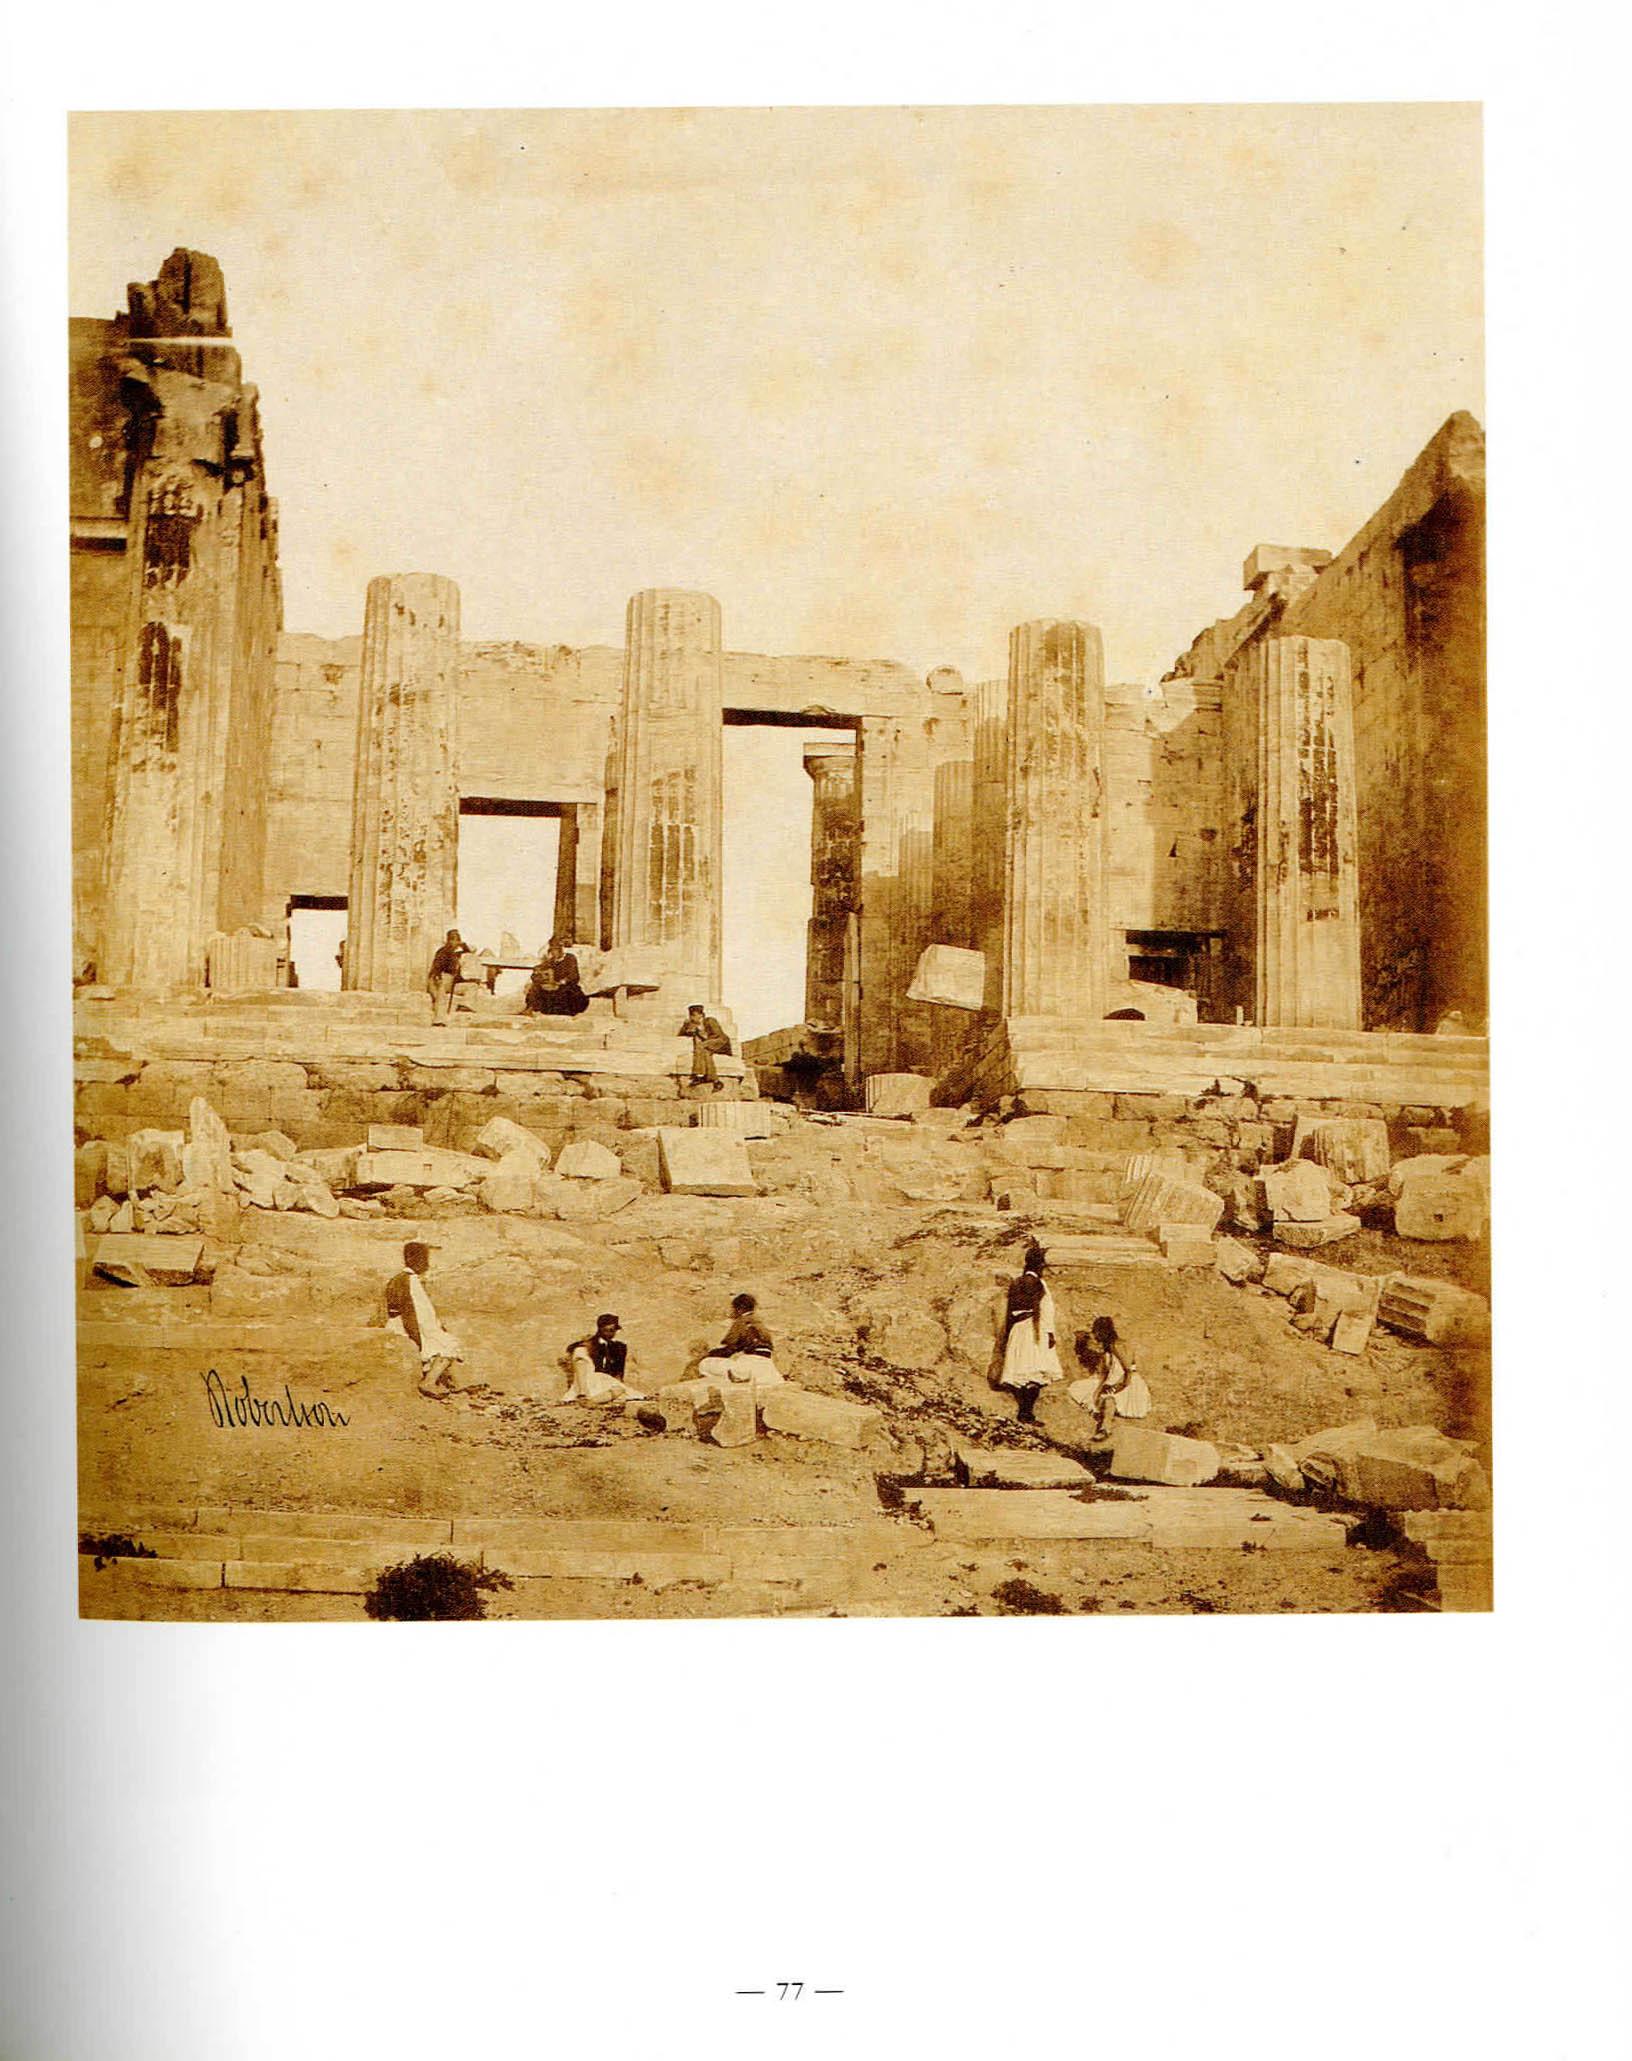 Αποκαθίσταται η δυτική πρόσβαση της Ακρόπολης Ακρόπολη Ακρόπολη: Αποκαθίσταται η δυτική πρόσβαση 13221